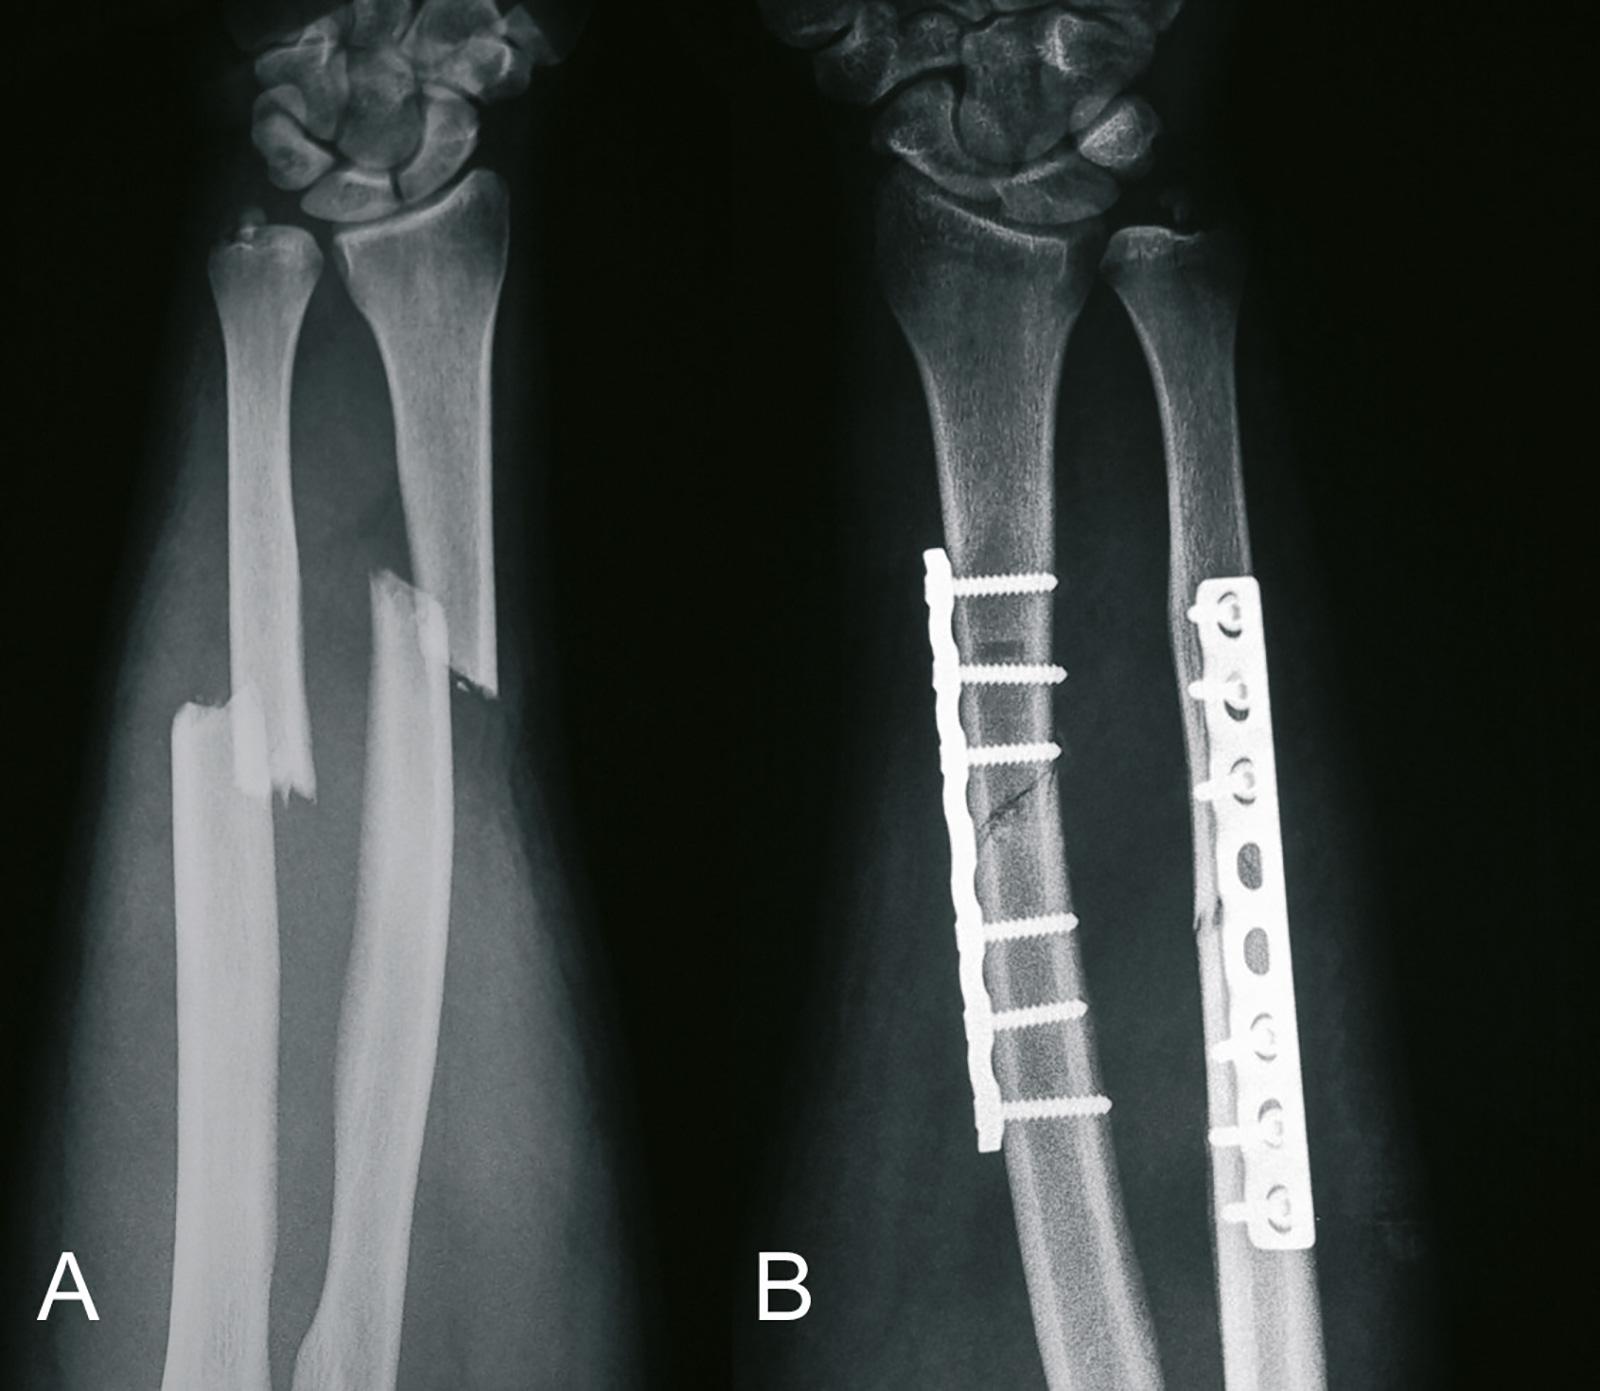 Abb. 3-84: Dislozierte Unterarmfraktur (A) und Röntgenbild nach Versorgung mit einer Plattenosteosynthese (B)